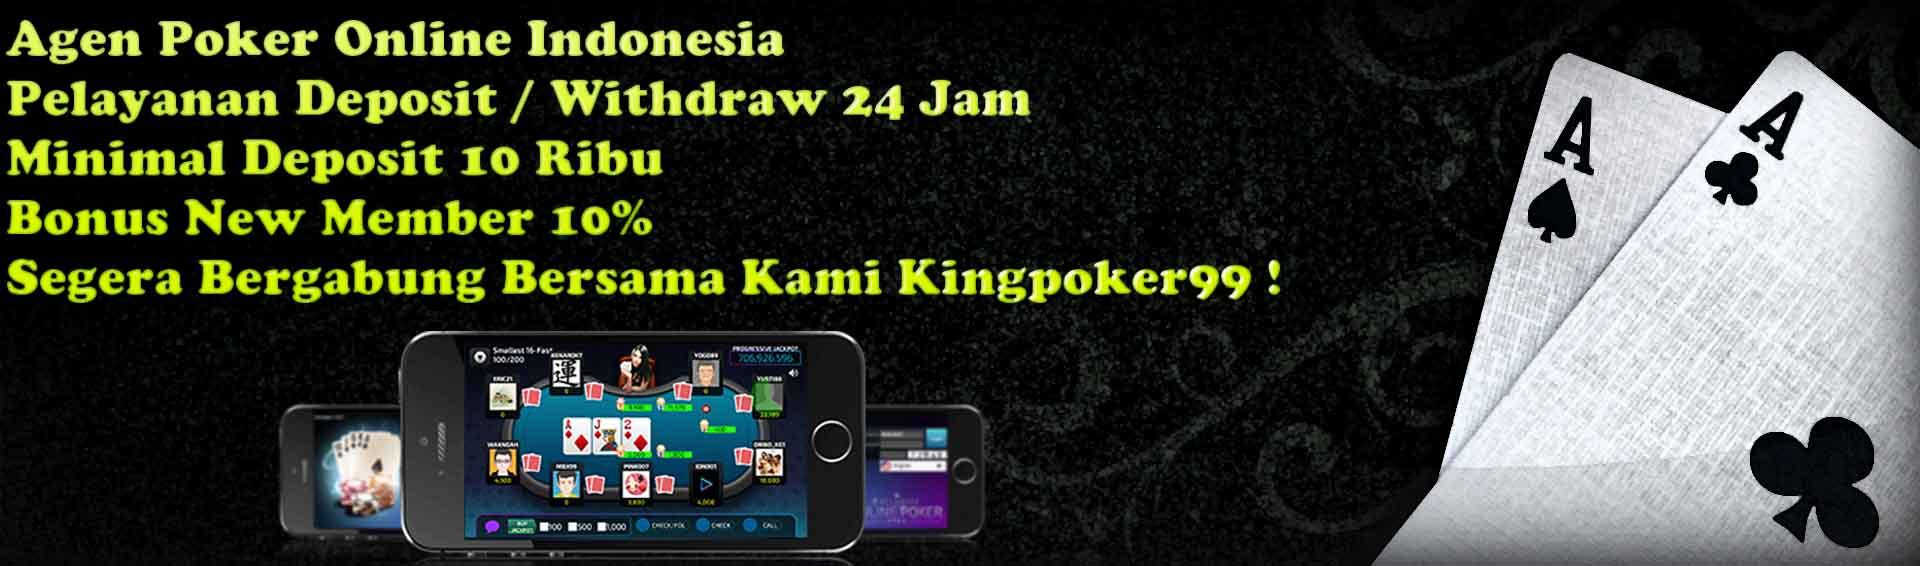 Agen Poker Online Indonesia Terbesar